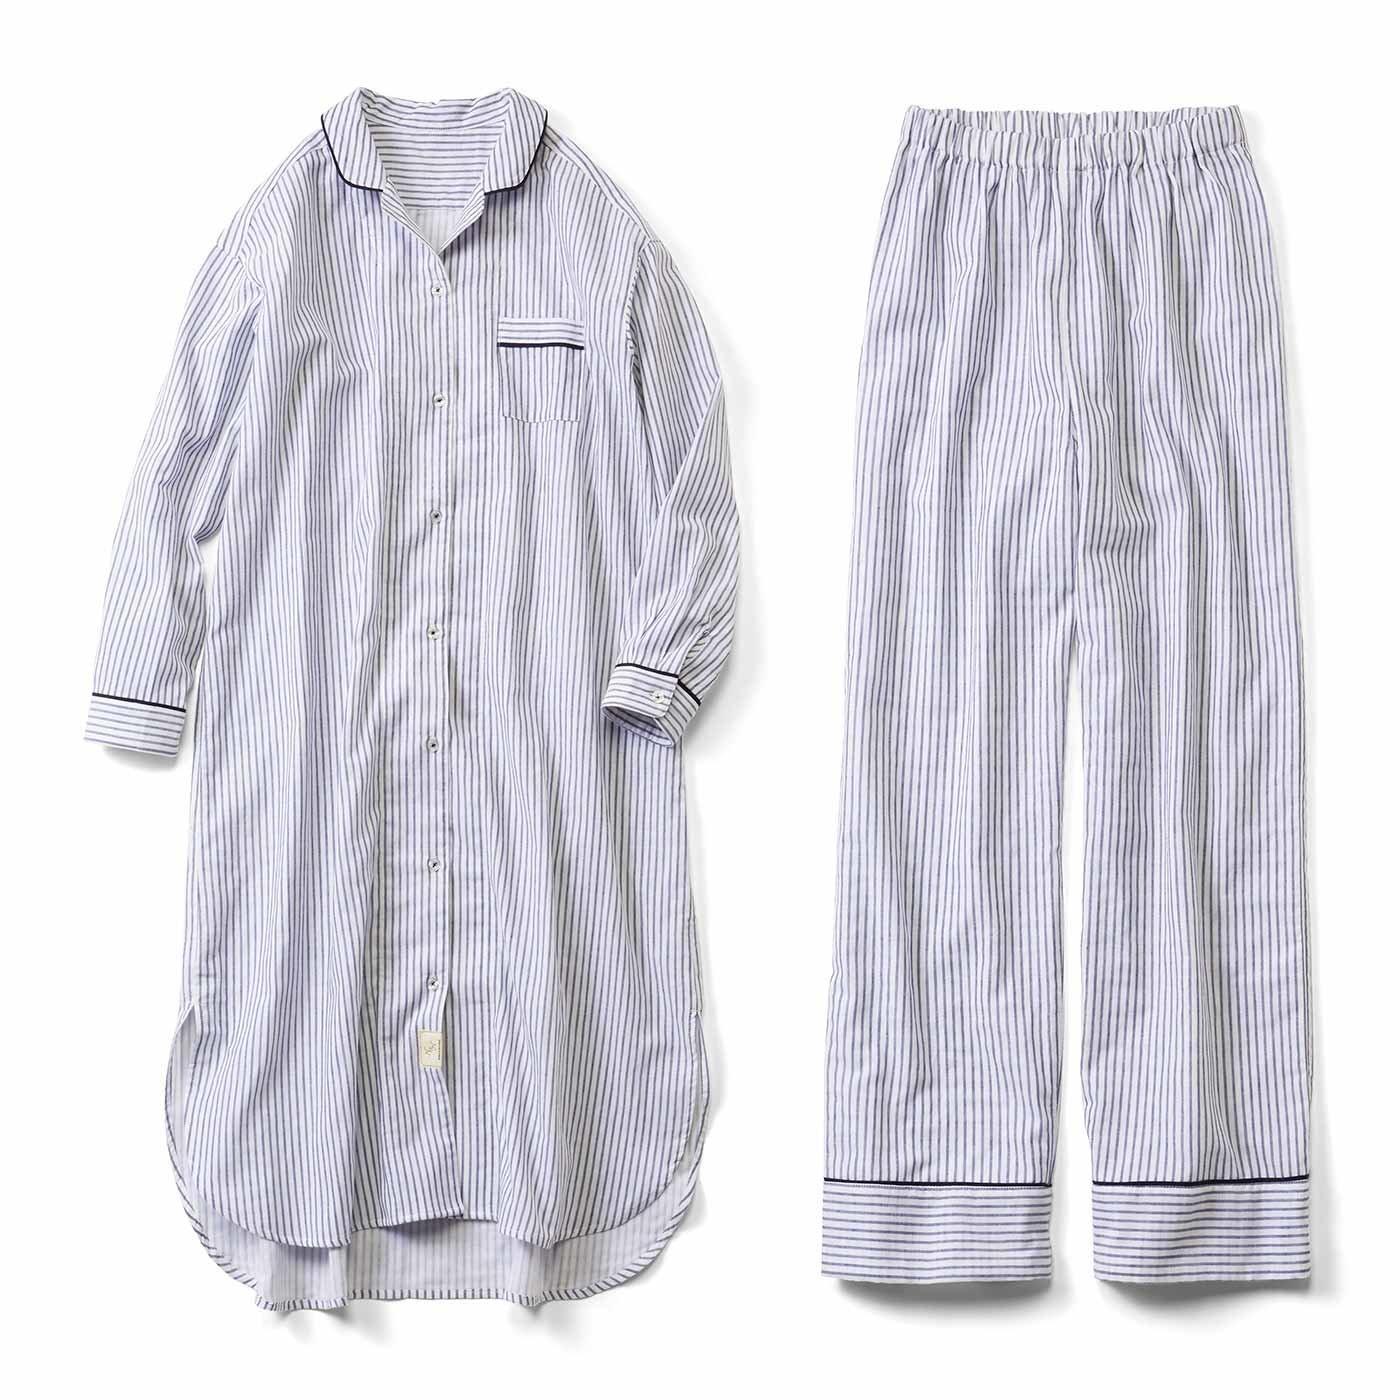 【3~10日でお届け】IEDIT[イディット] ダブルガーゼが心地いい ワンピースにもなるお寝坊パジャマ〈ホワイト〉